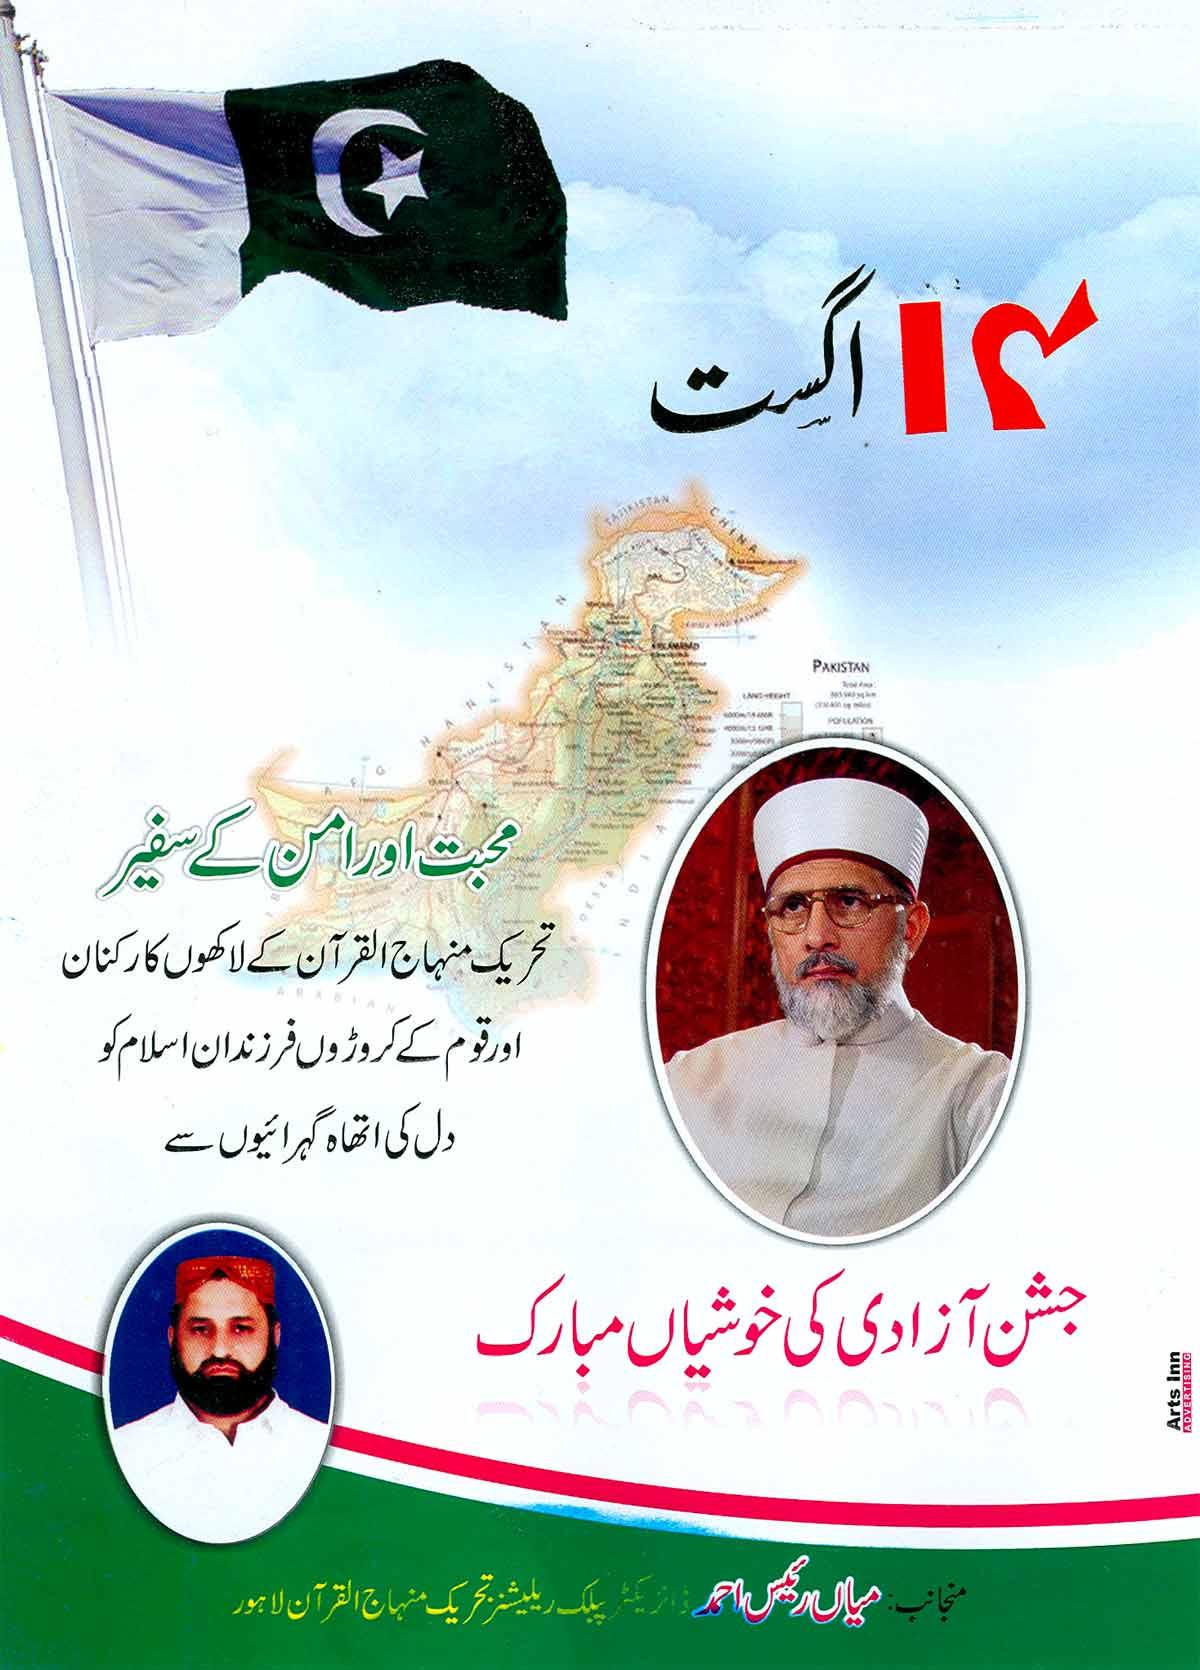 تحریک منہاج القرآن Minhaj-ul-Quran  Print Media Coverage پرنٹ میڈیا کوریج Monthly Zanjeer